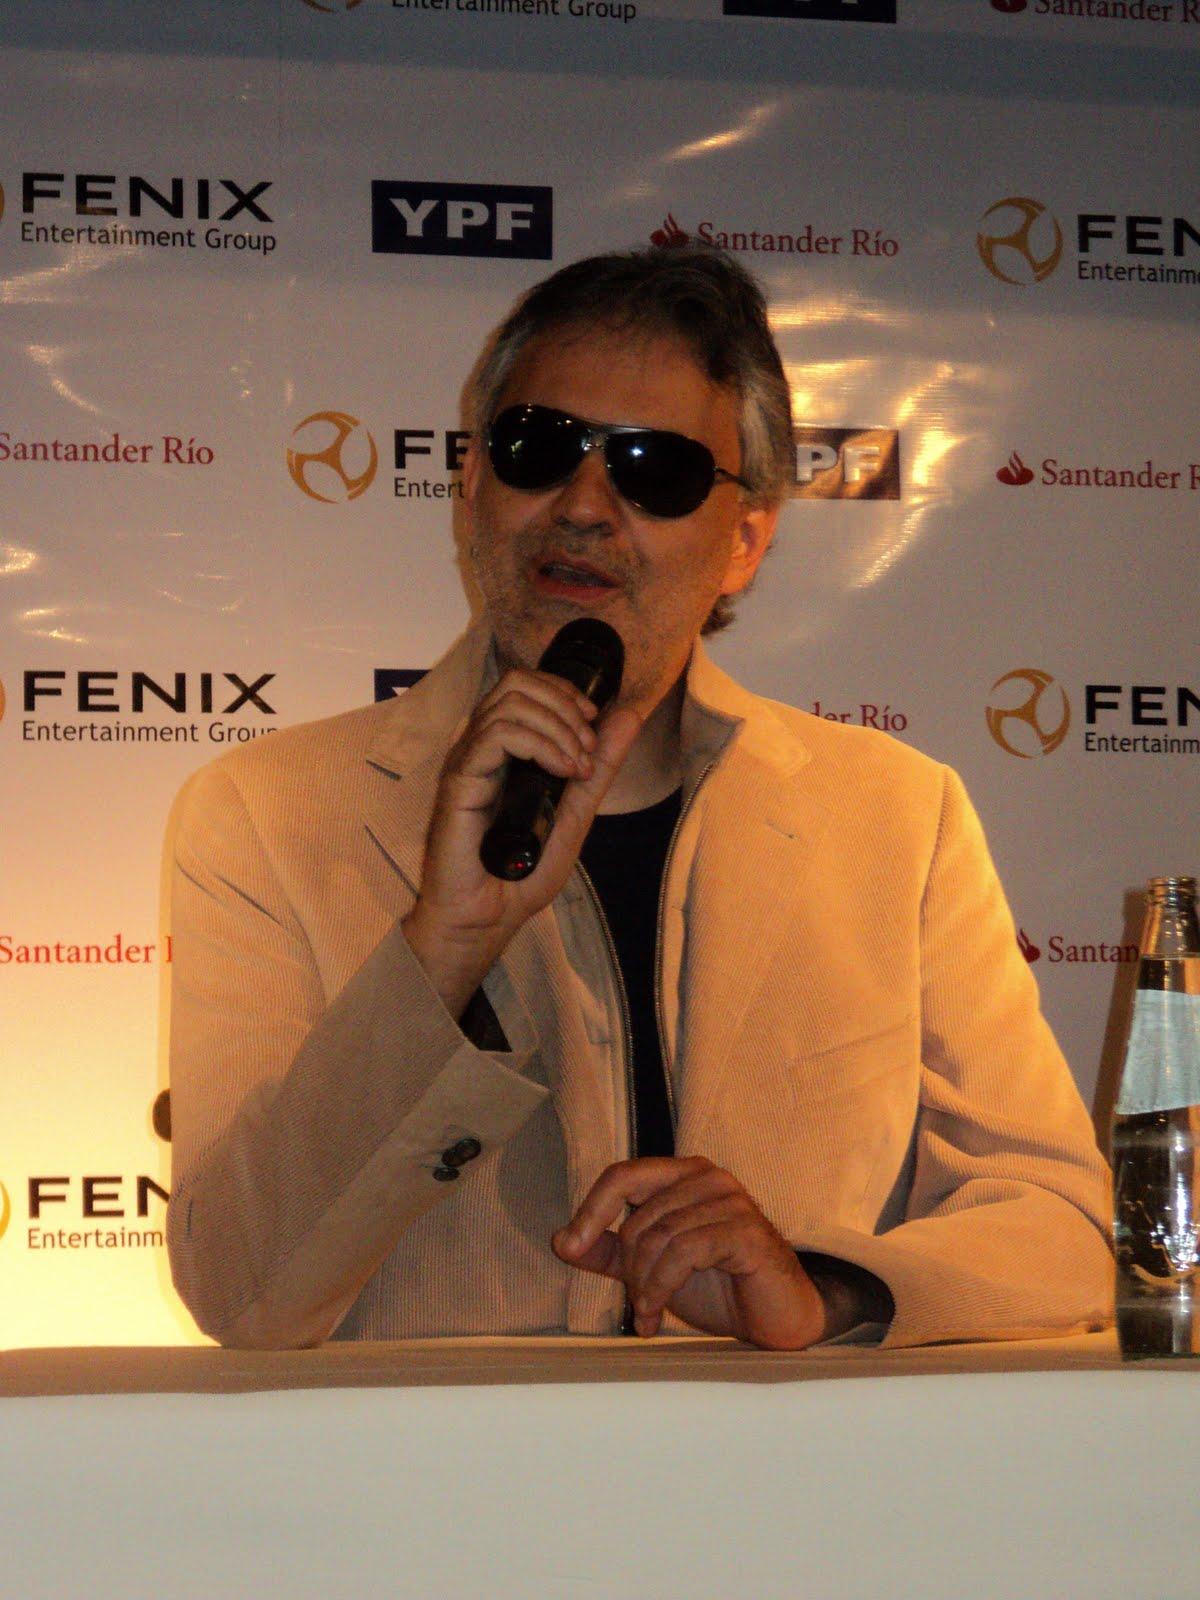 6f22a907 En una muy distendida conferencia de prensa, realizada en uno de los  lujosísimos salones del hotel Faena, de la zona de Puerto Madero, el  maestro Andrea ...